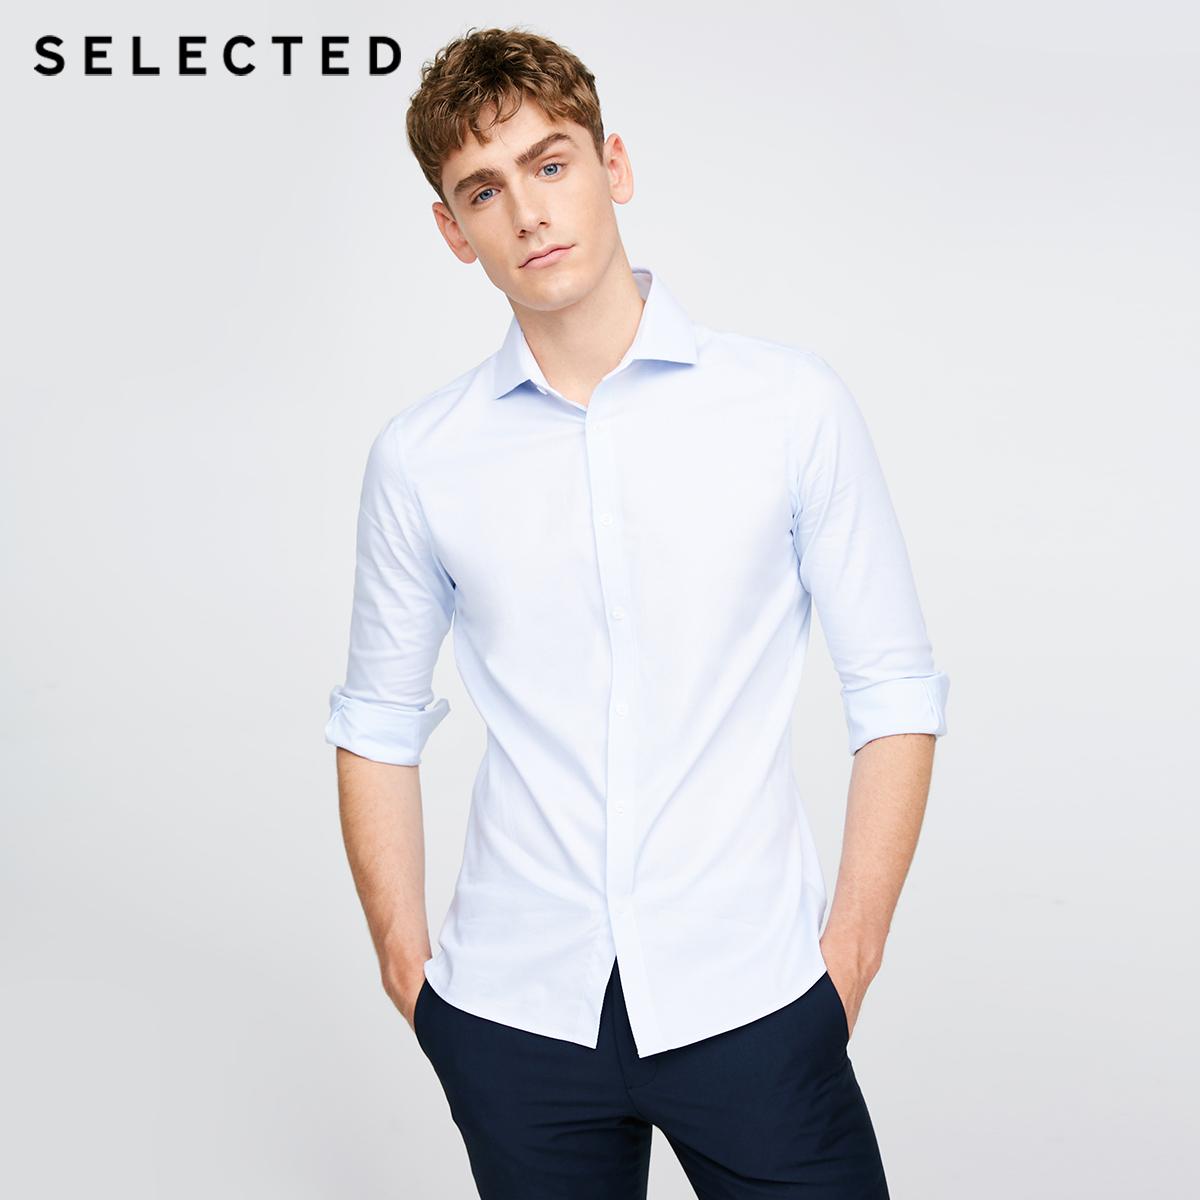 SELECTED мысль сорняки мораль мужской хлопок простой тонкий бизнес повседневный рубашка с длинными рукавами T|417305511